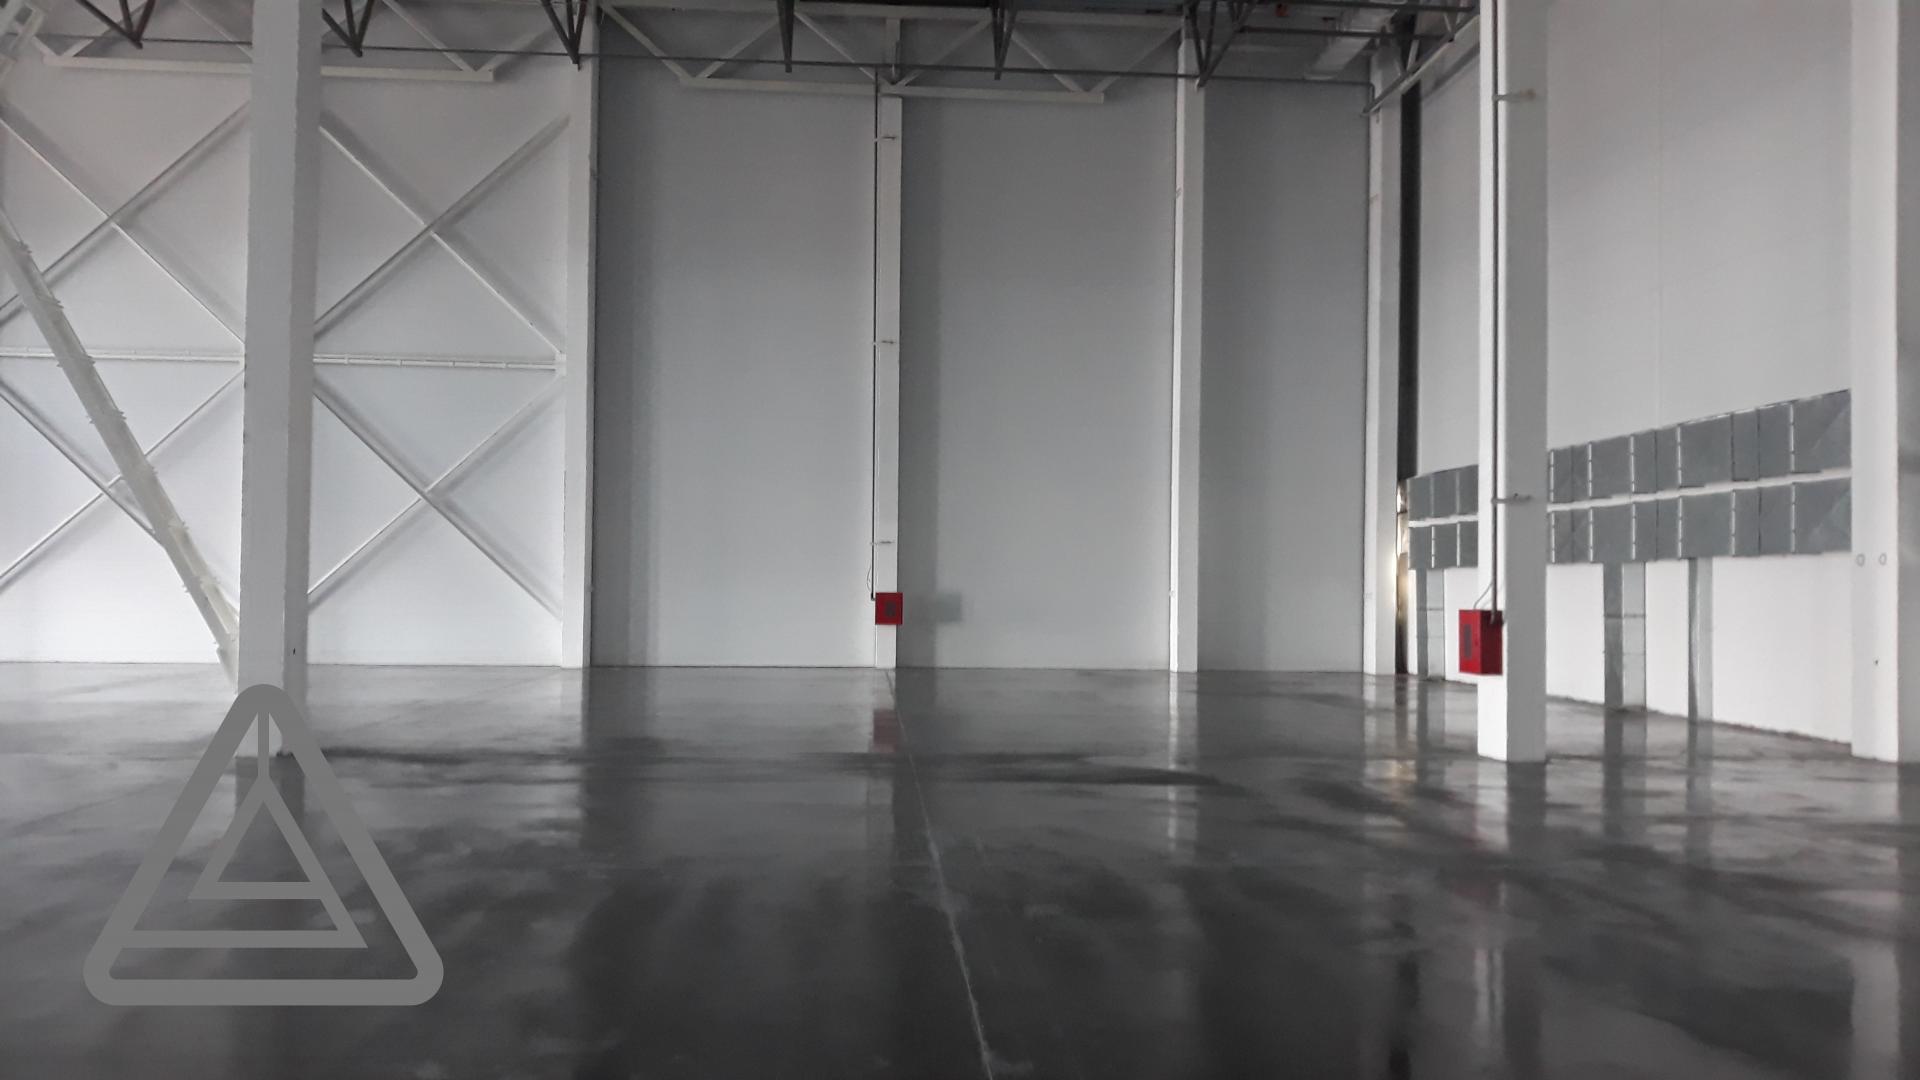 Warehouse в аренду по адресу Россия, Республика Татарстан, городской округ Казань, Казань, улица Беркутова, 21